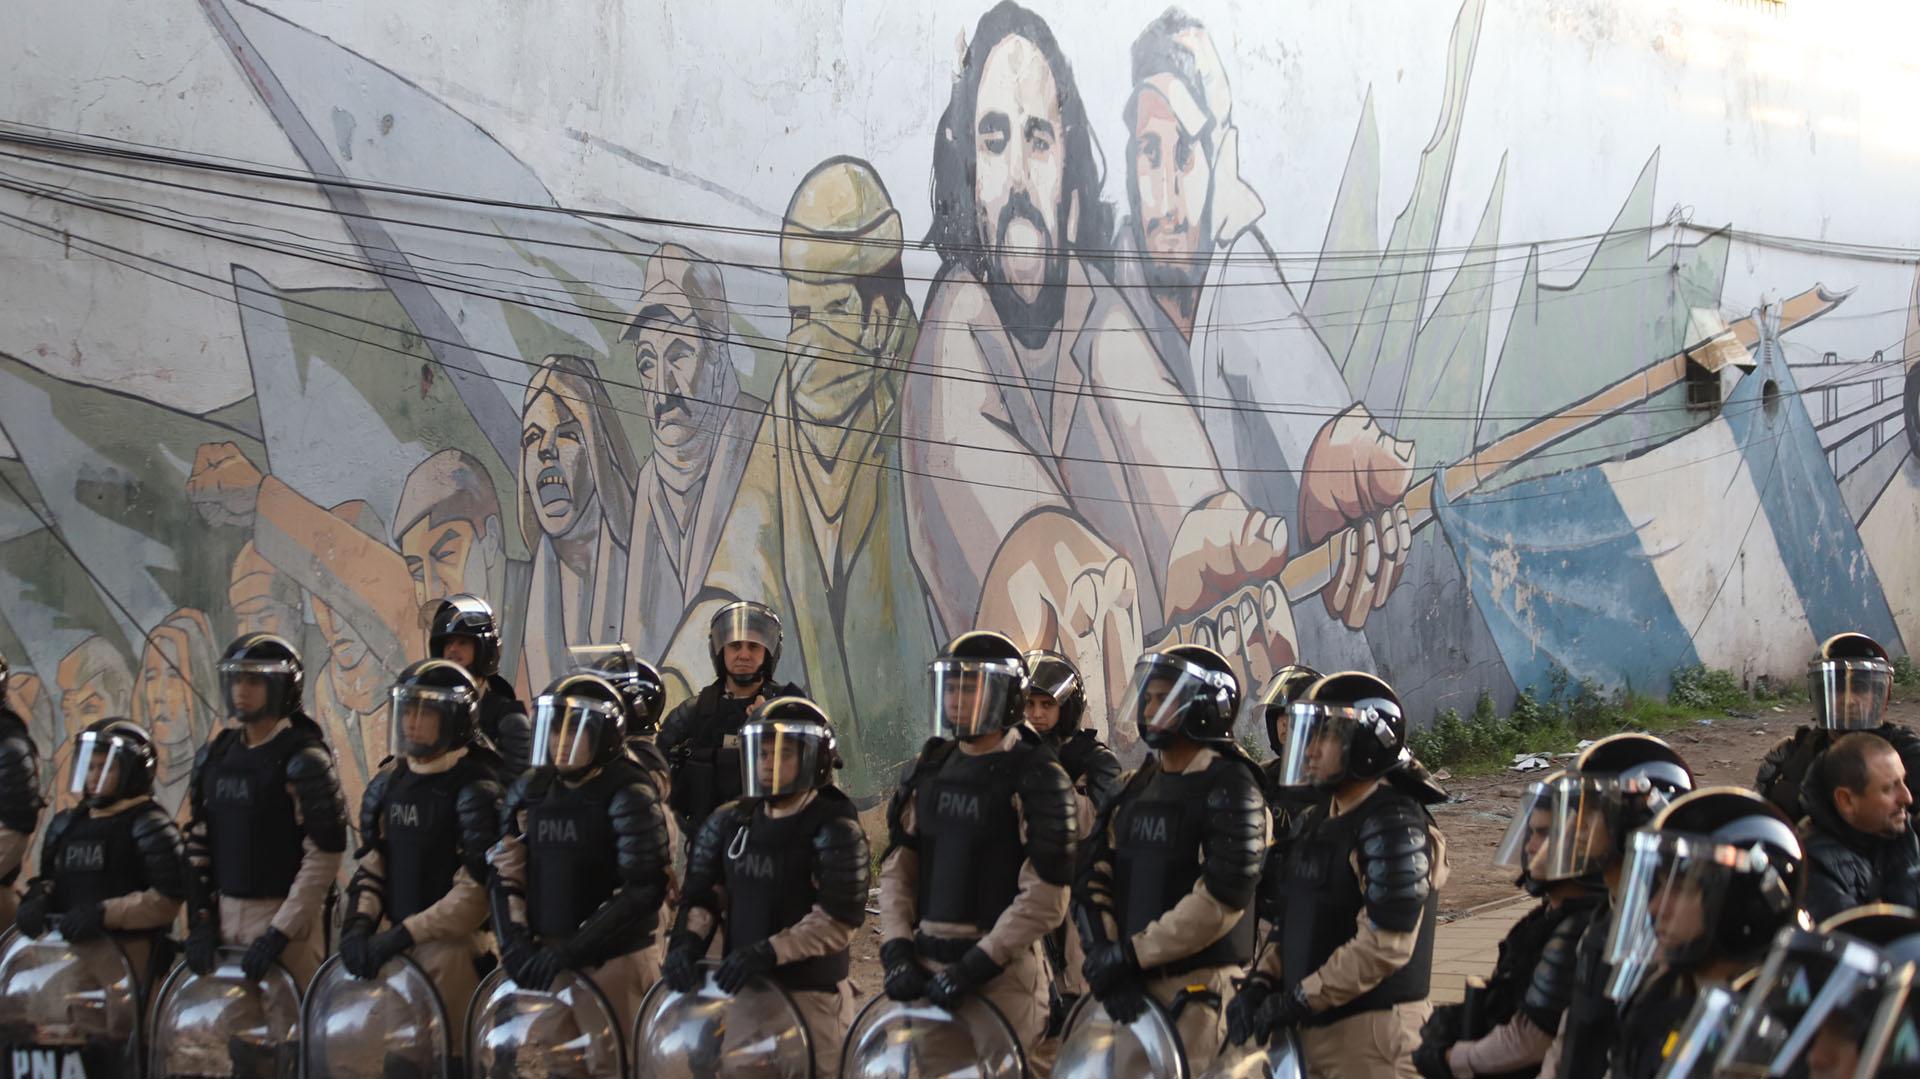 Cordón de prevención de efectivos de la Prefectura impiden que los manifestantes avancen sobre el Puente Pueyrredón, en Avellaneda